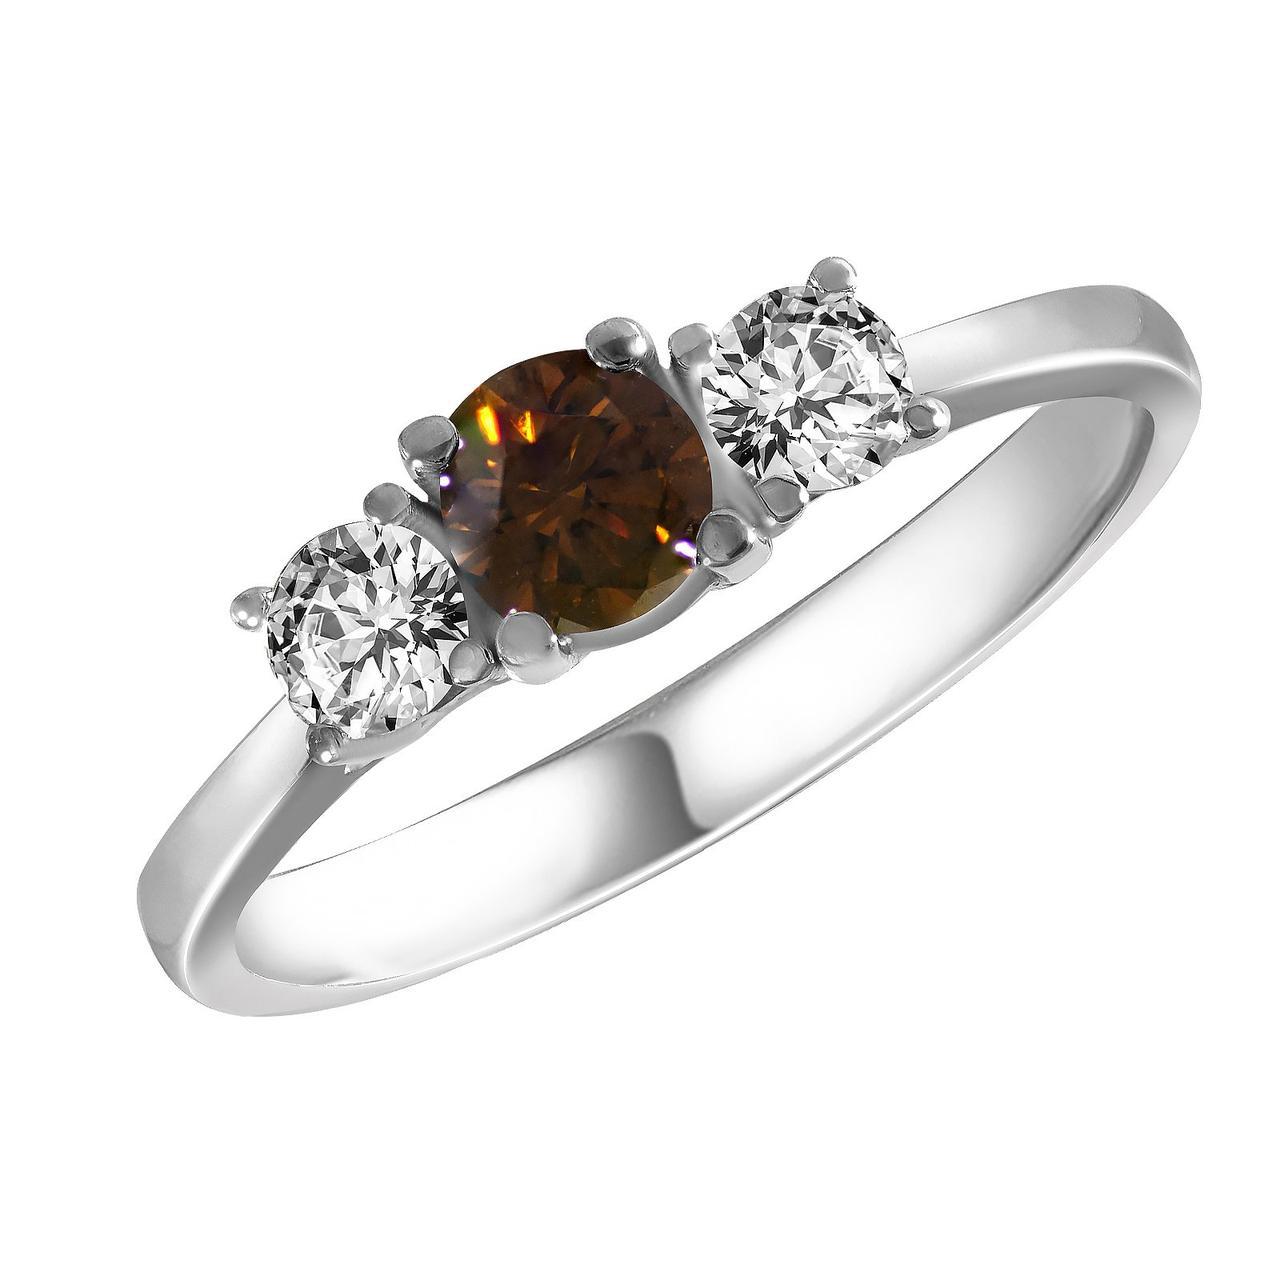 Золотое кольцо с бриллиантами, размер 16.5 (1695549)